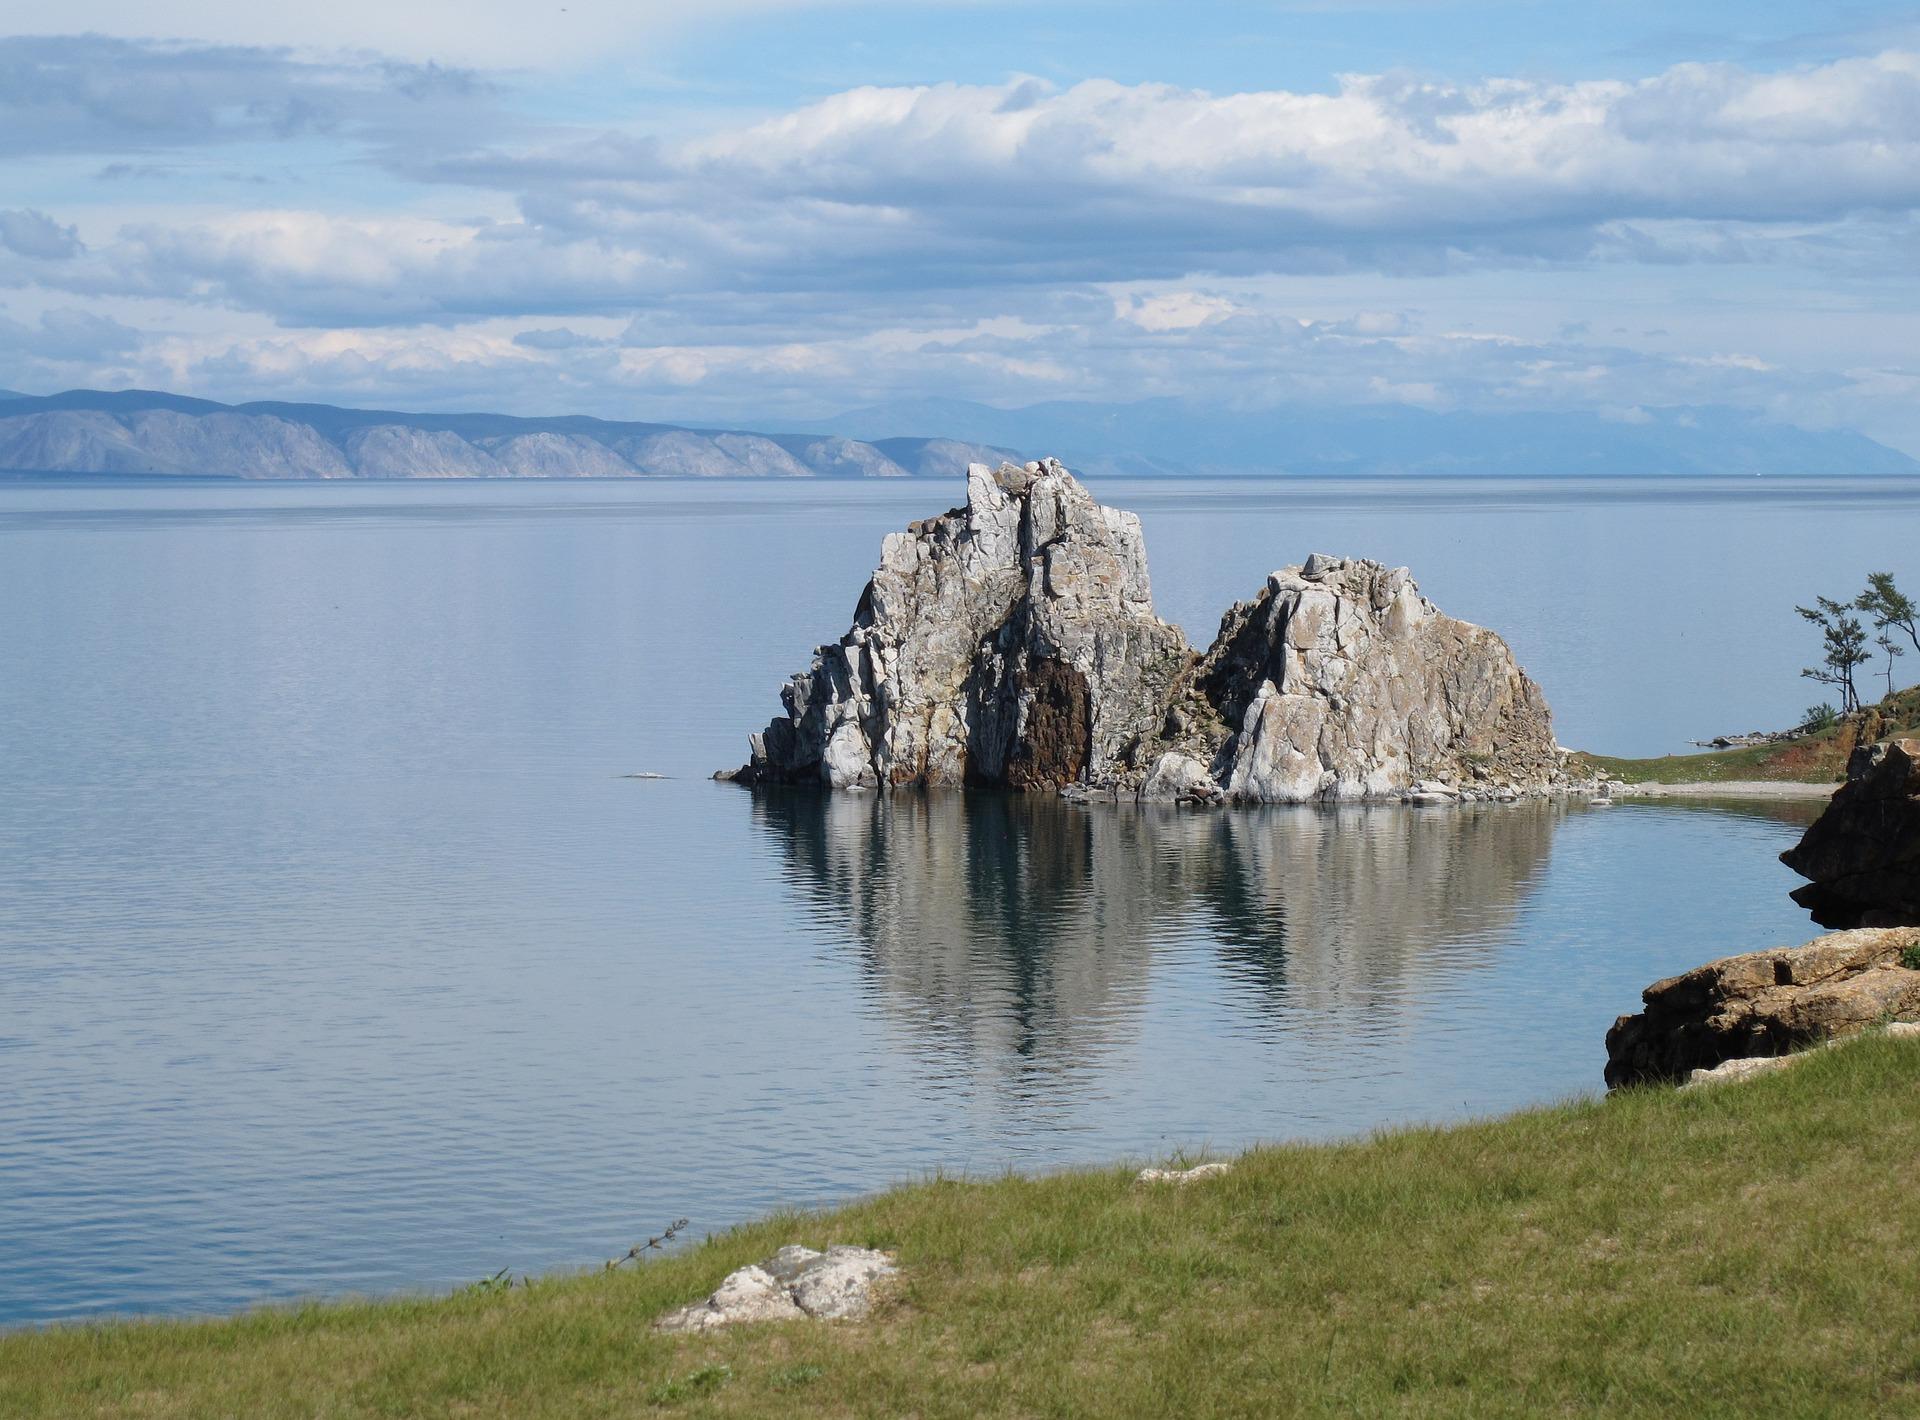 Sibérie – Au Cœur de l'Hiver Sibérien